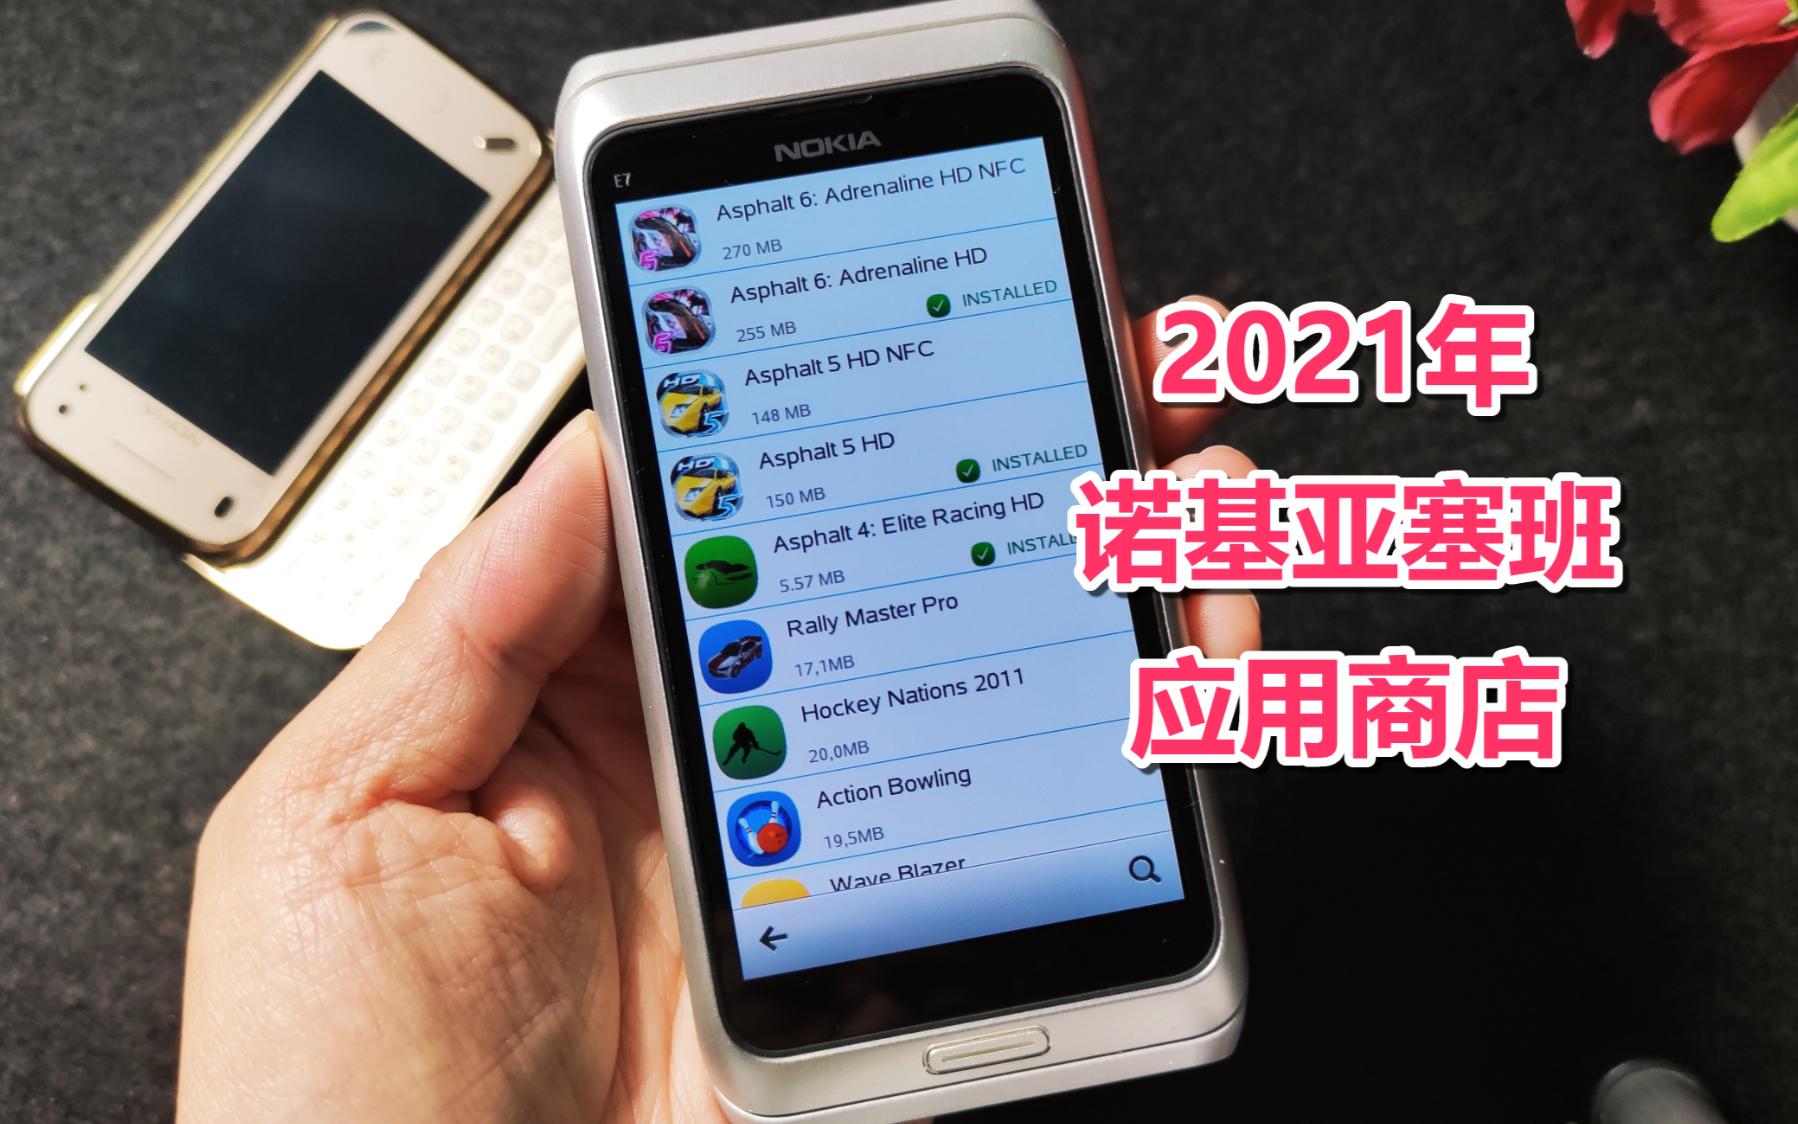 2021年的今天,诺基亚塞班手机还能在线下载的应用商店